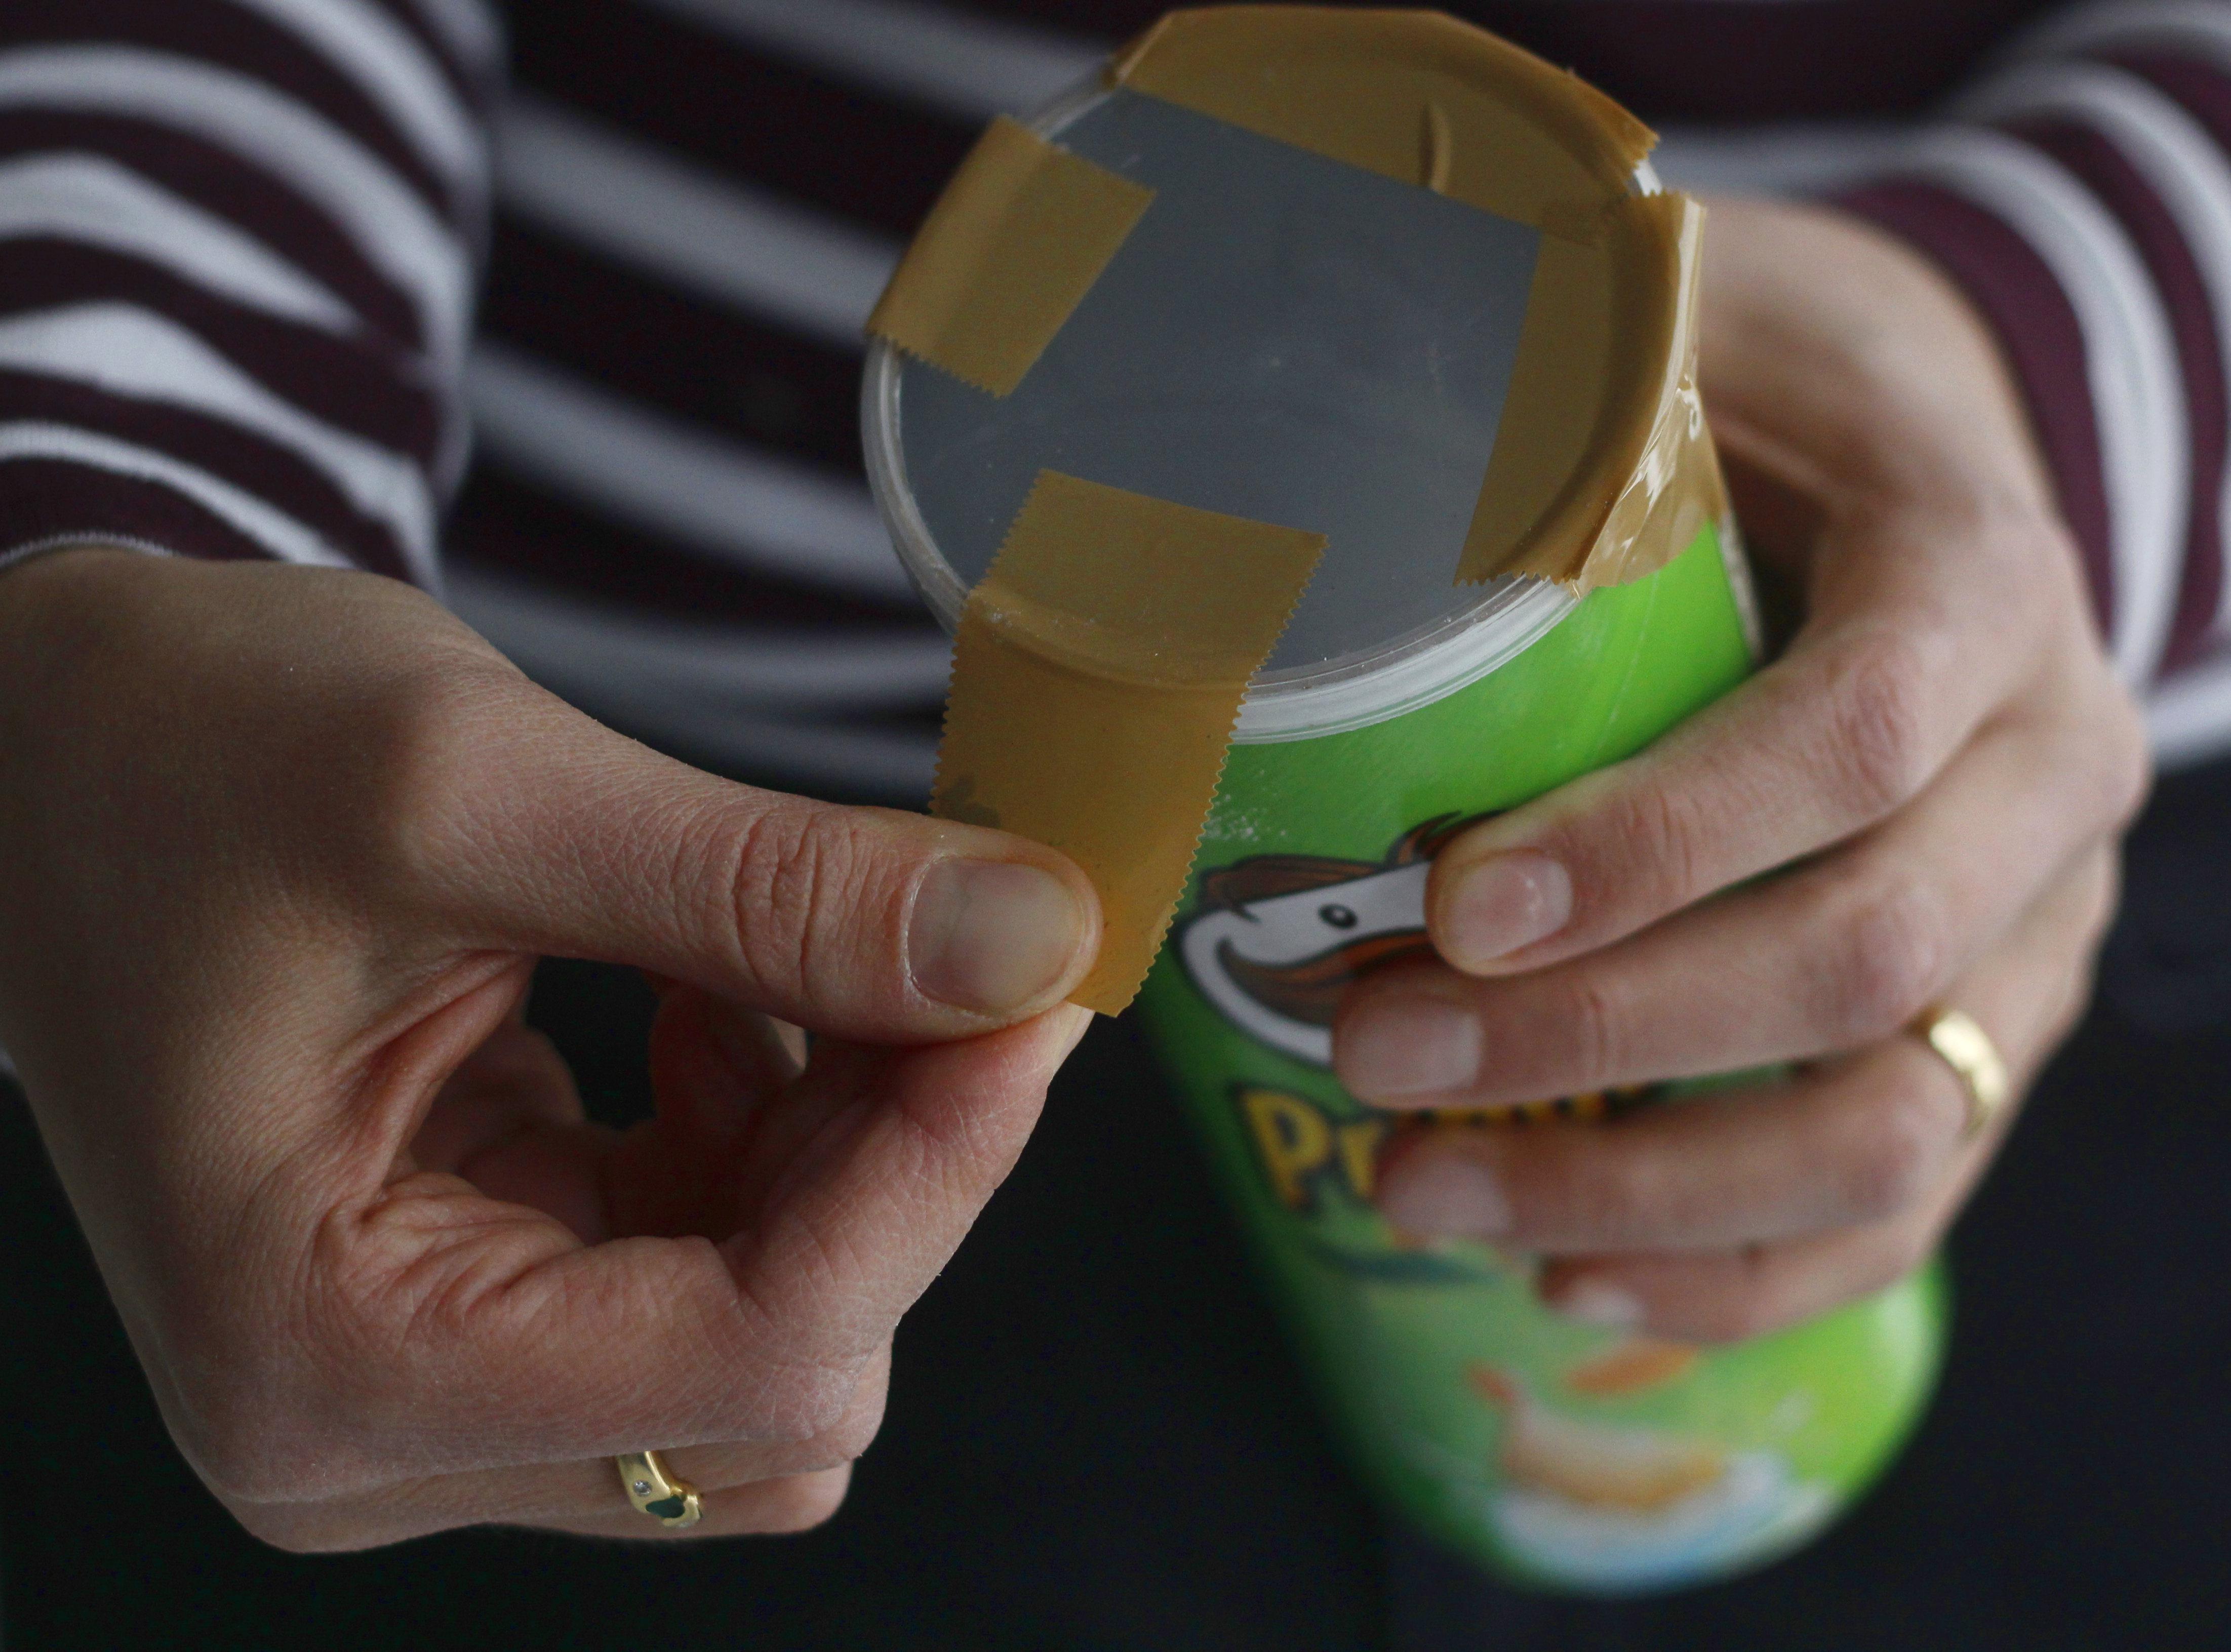 Sabun hamurunun dışarı sızmasını önlemek için kapağı sıkıca bantlayın.